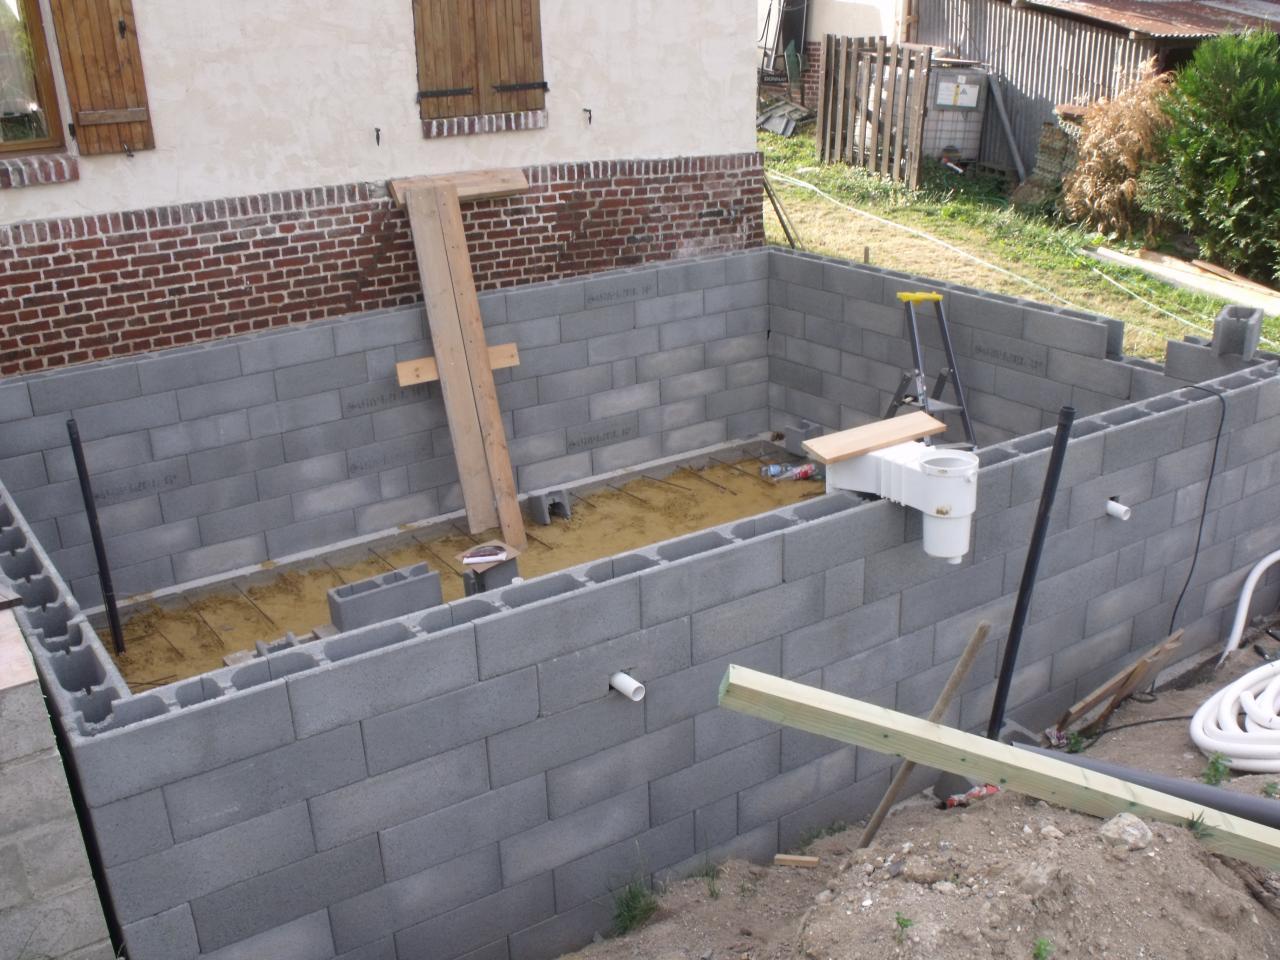 Construire piscine agglo jardin piscine et cabane - Construire une piscine hors sol en beton ...